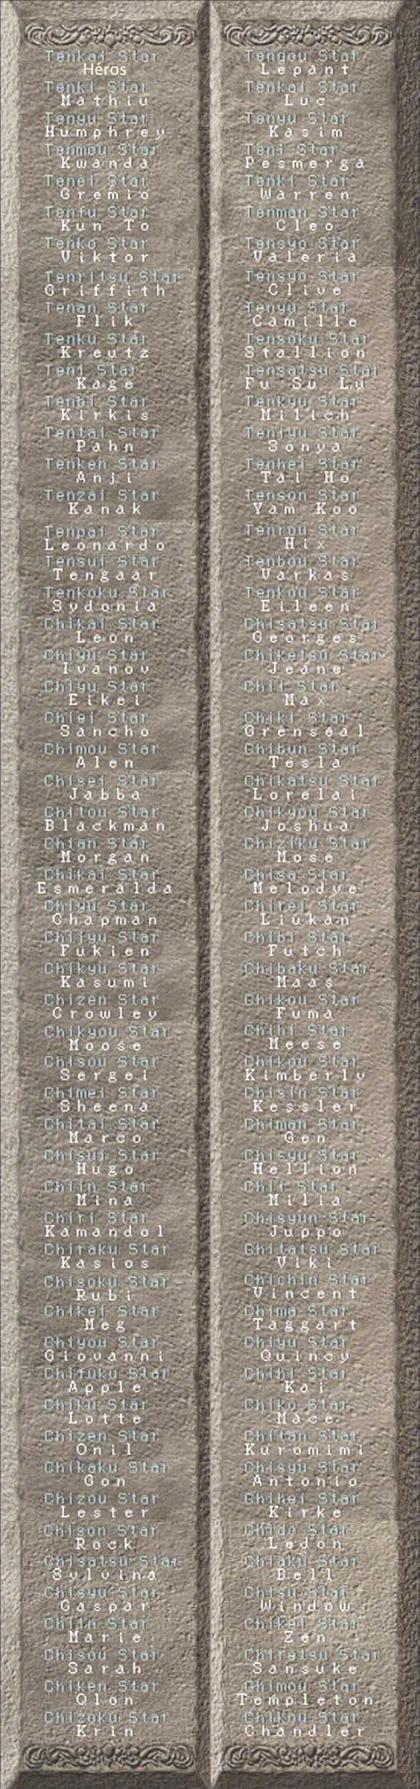 Voici la tablette des 108 étoiles du destin.